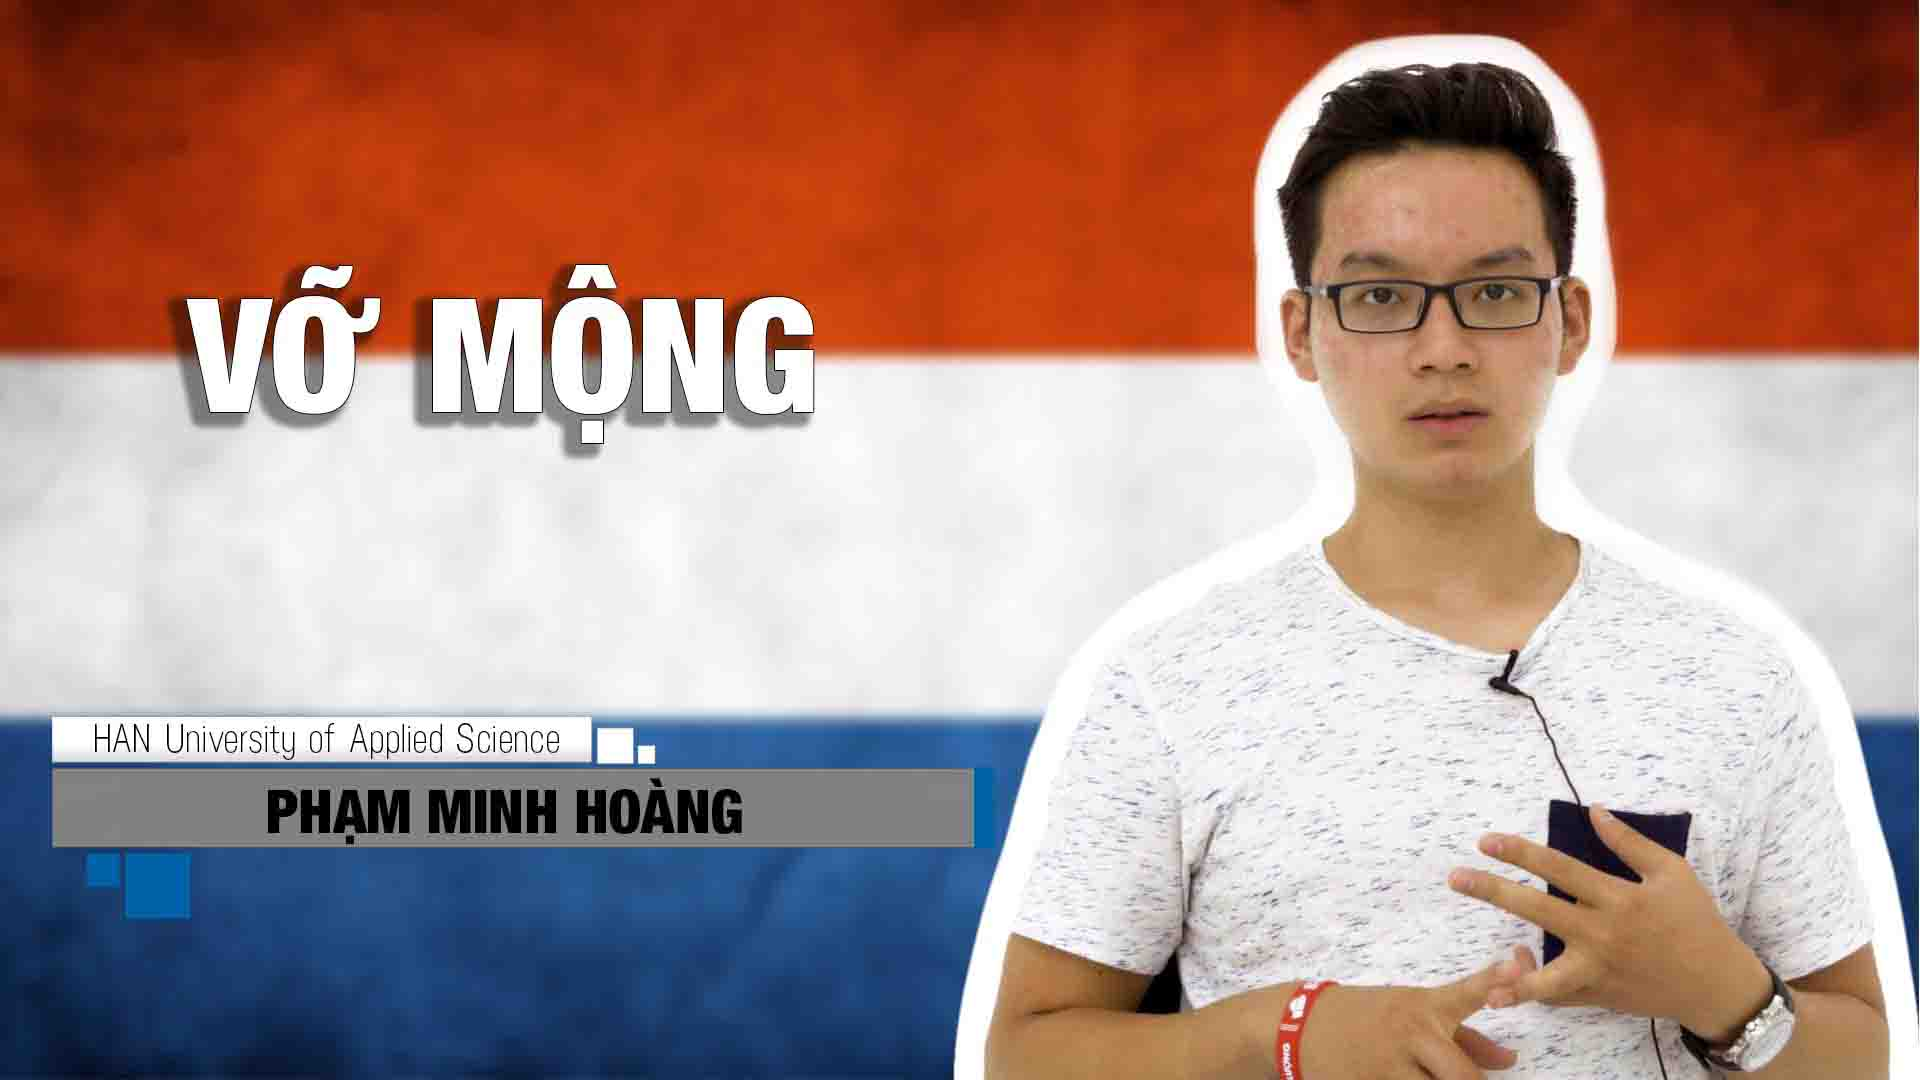 Du học Hà Lan có giống với bạn nghĩ? Cùng nghe chia sẻ của bạn Phạm Minh Hoàng đang học tại đại học khoa học ứng dụng HAN nhé!